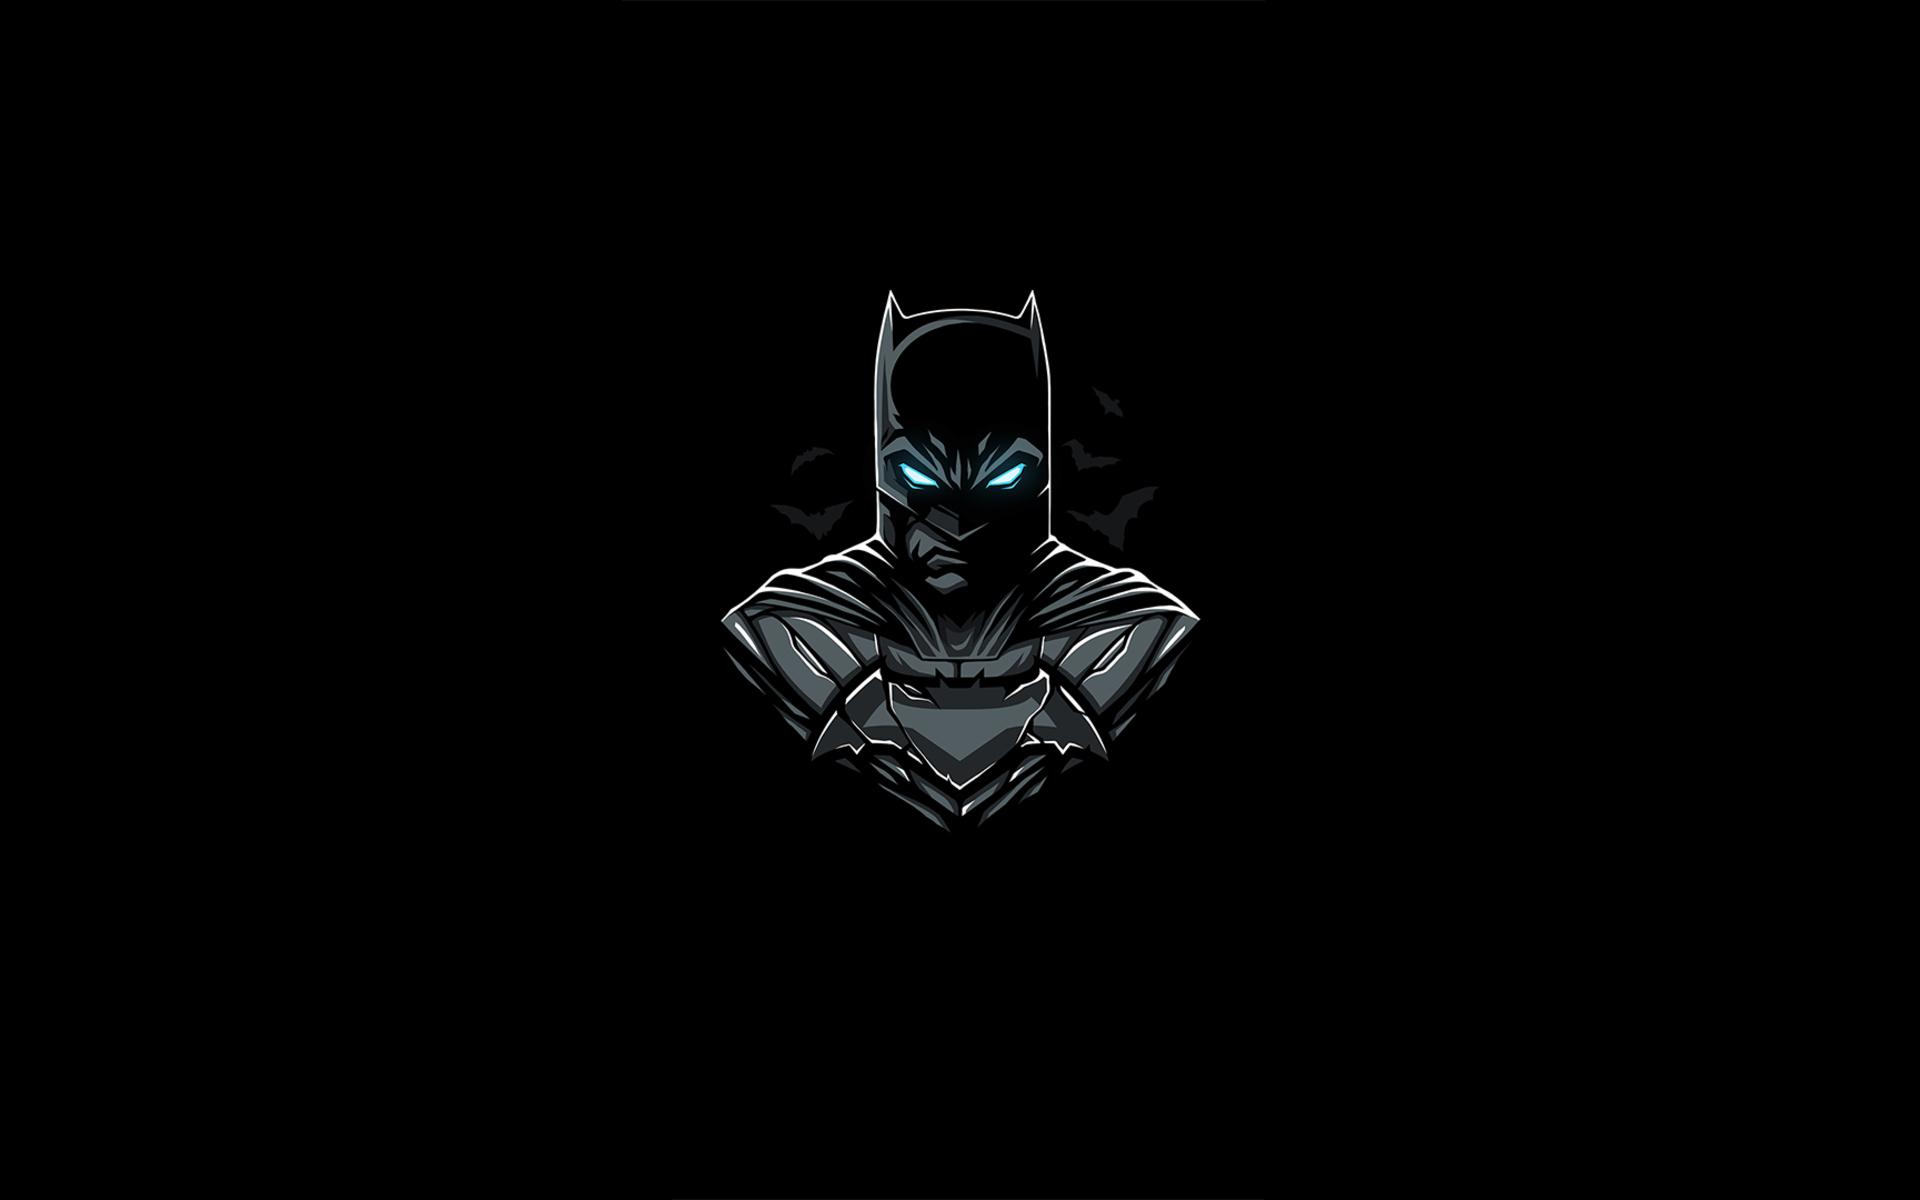 1920x1200 batman amoled 1080p resolution hd 4k wallpapers images rh hdqwalls com